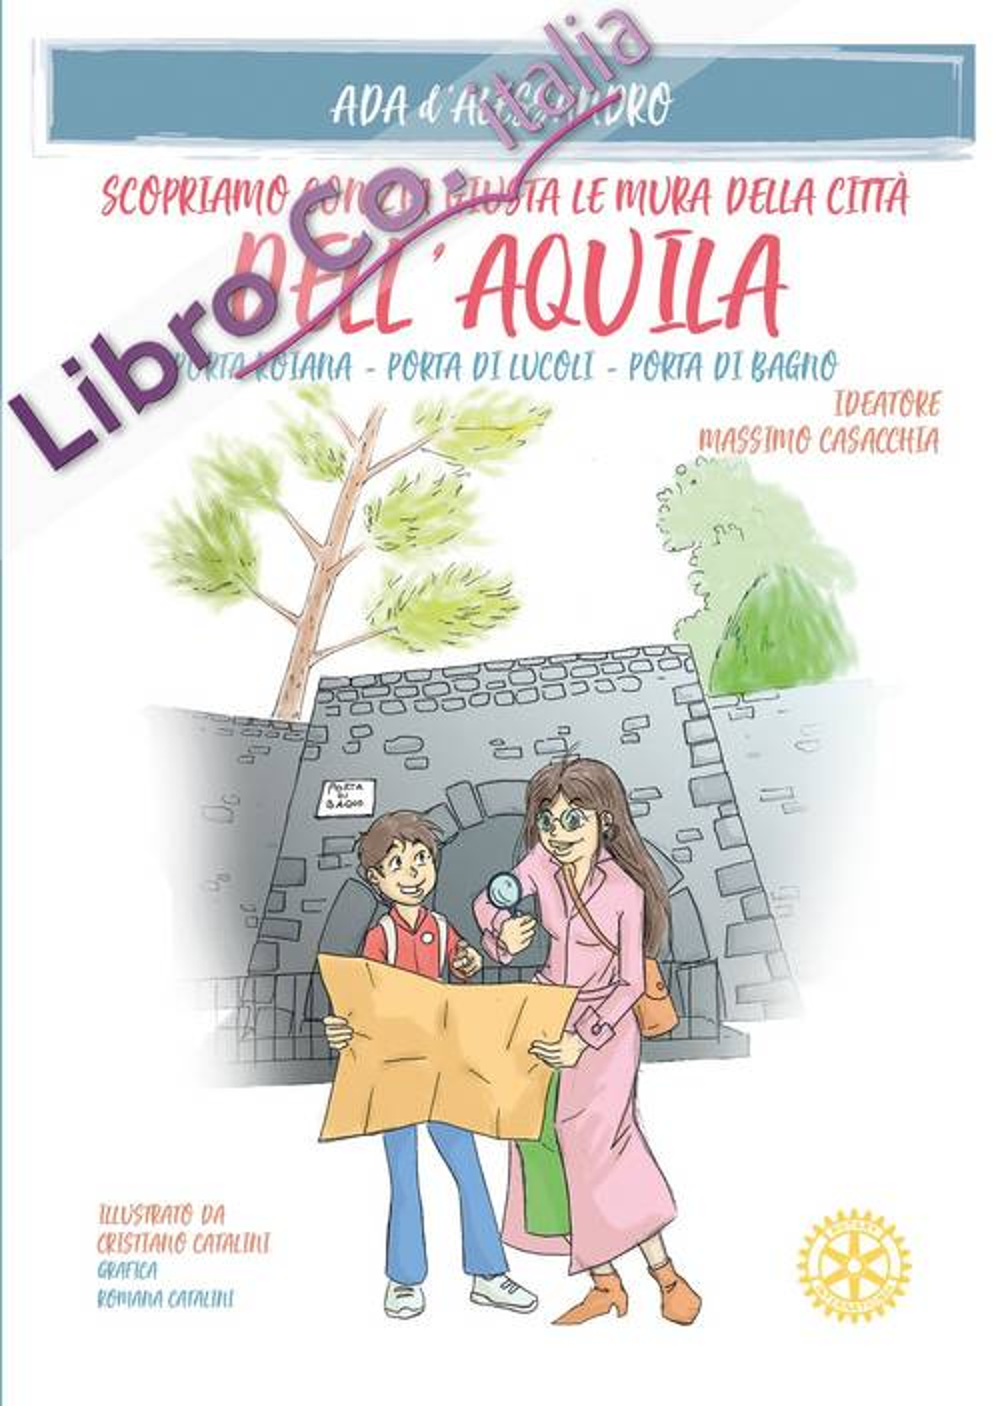 Scopriamo con zia Giusta le mura della città dell'Aquila. Porta Roiana, Porta di Lucoli, Porta di Bagno